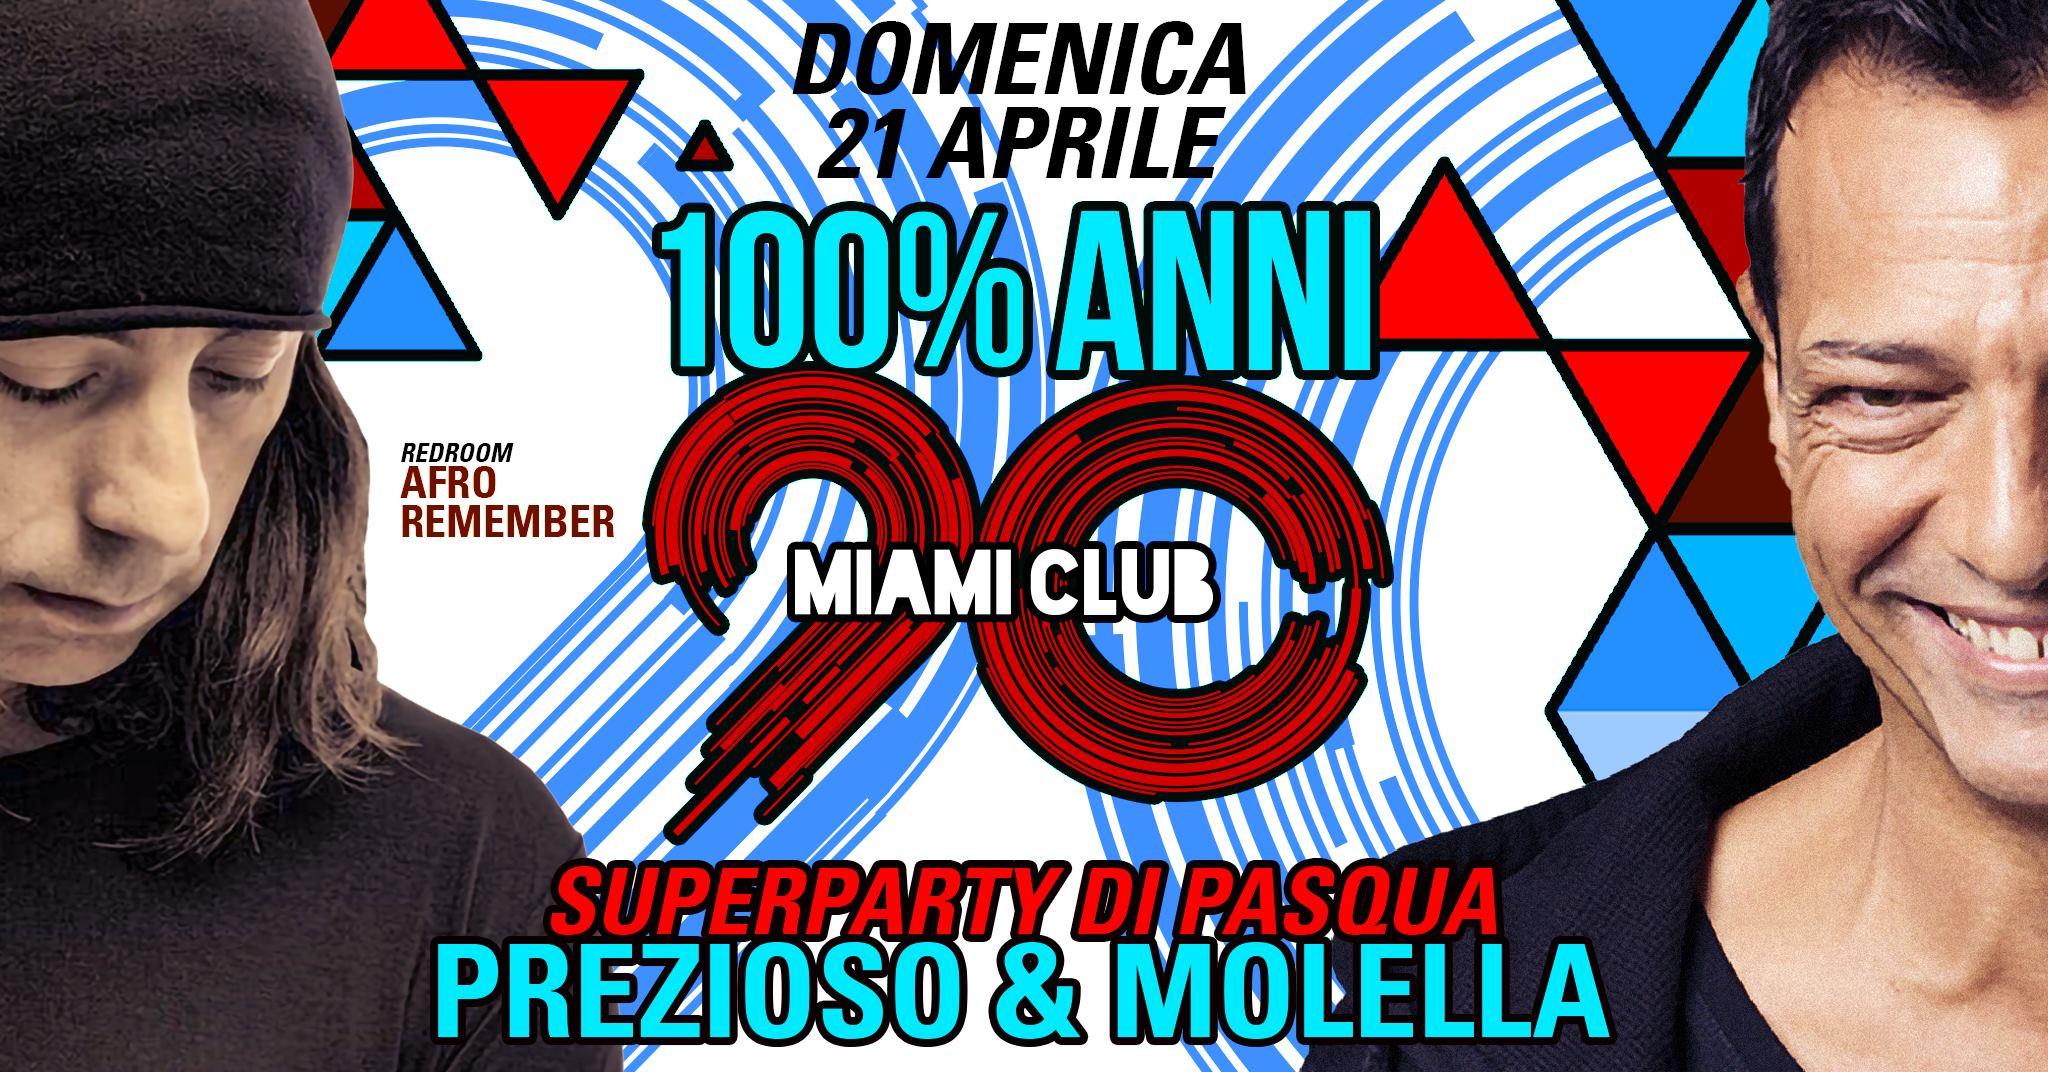 Pasqua Miami Club Monsano djs Molella e Prezioso